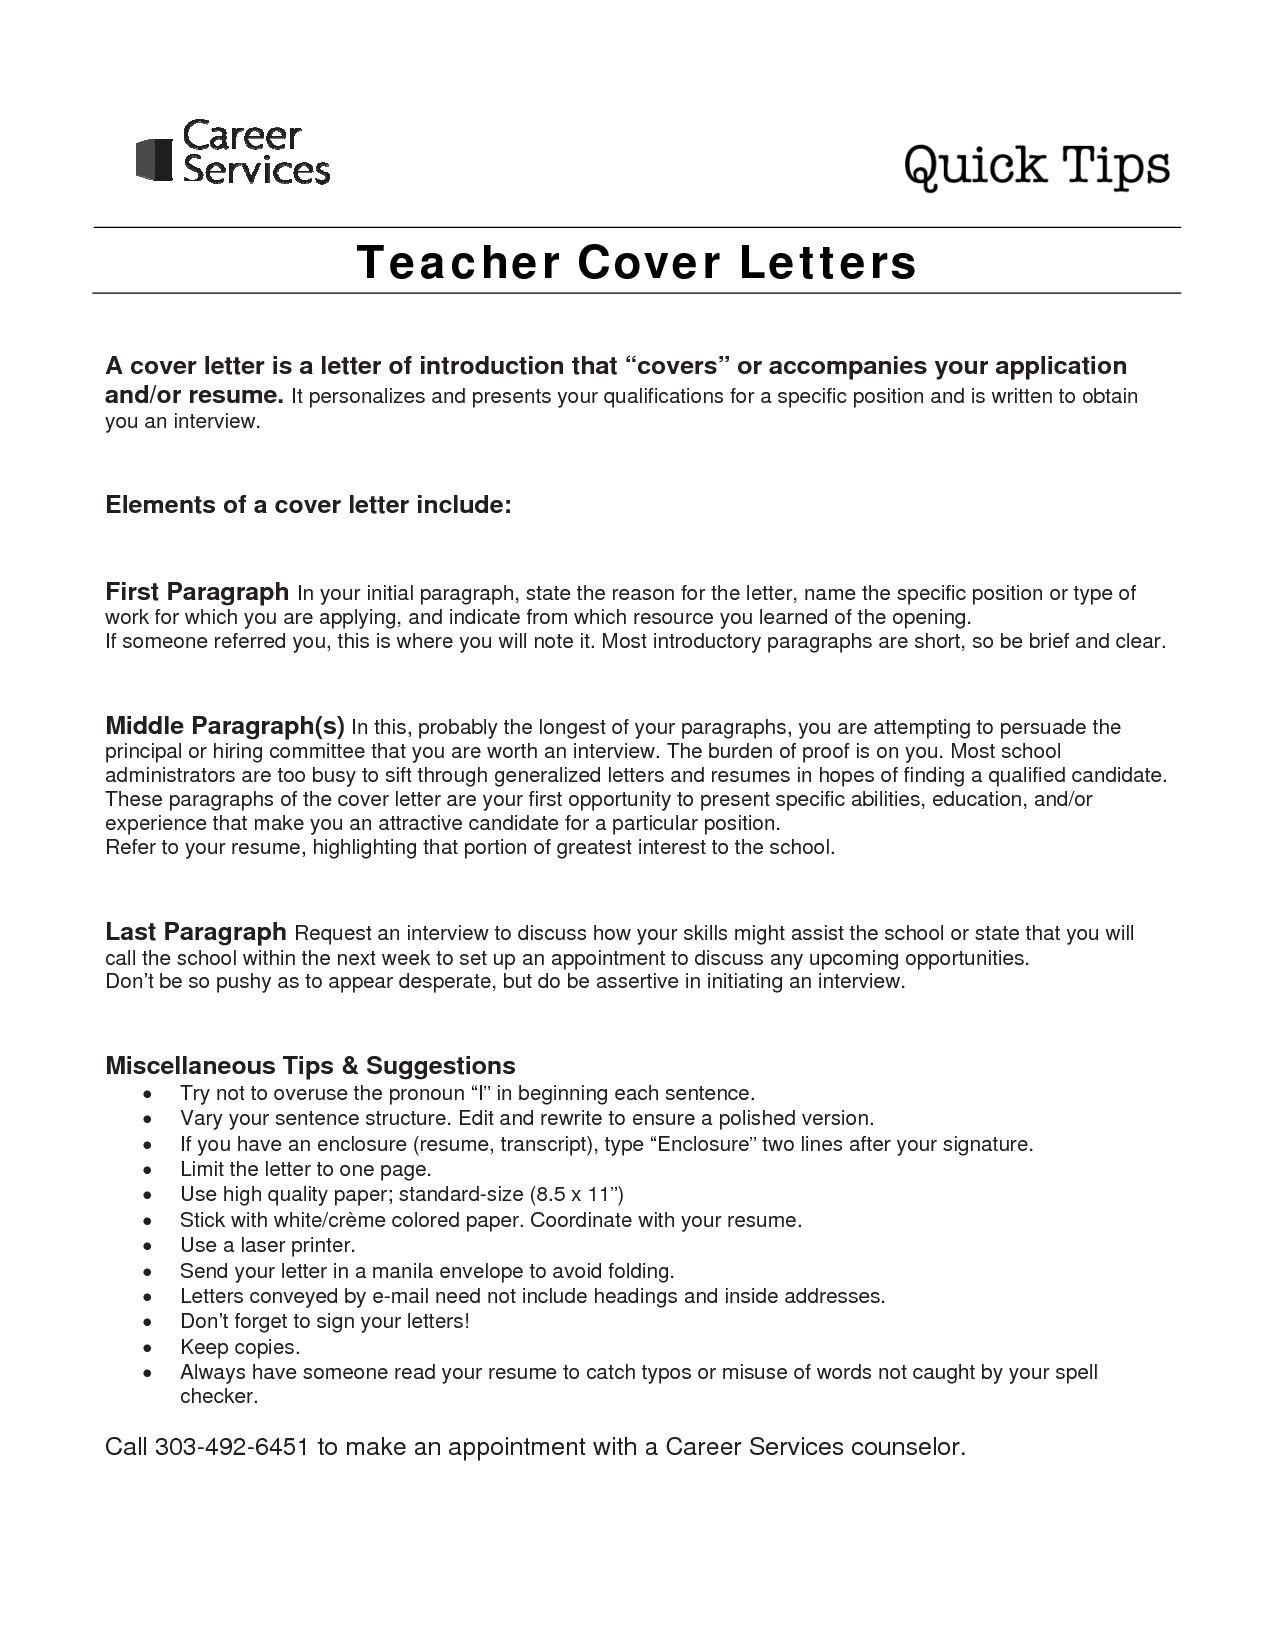 Teacher Cover Letter Elementary Easy Tips to Follow